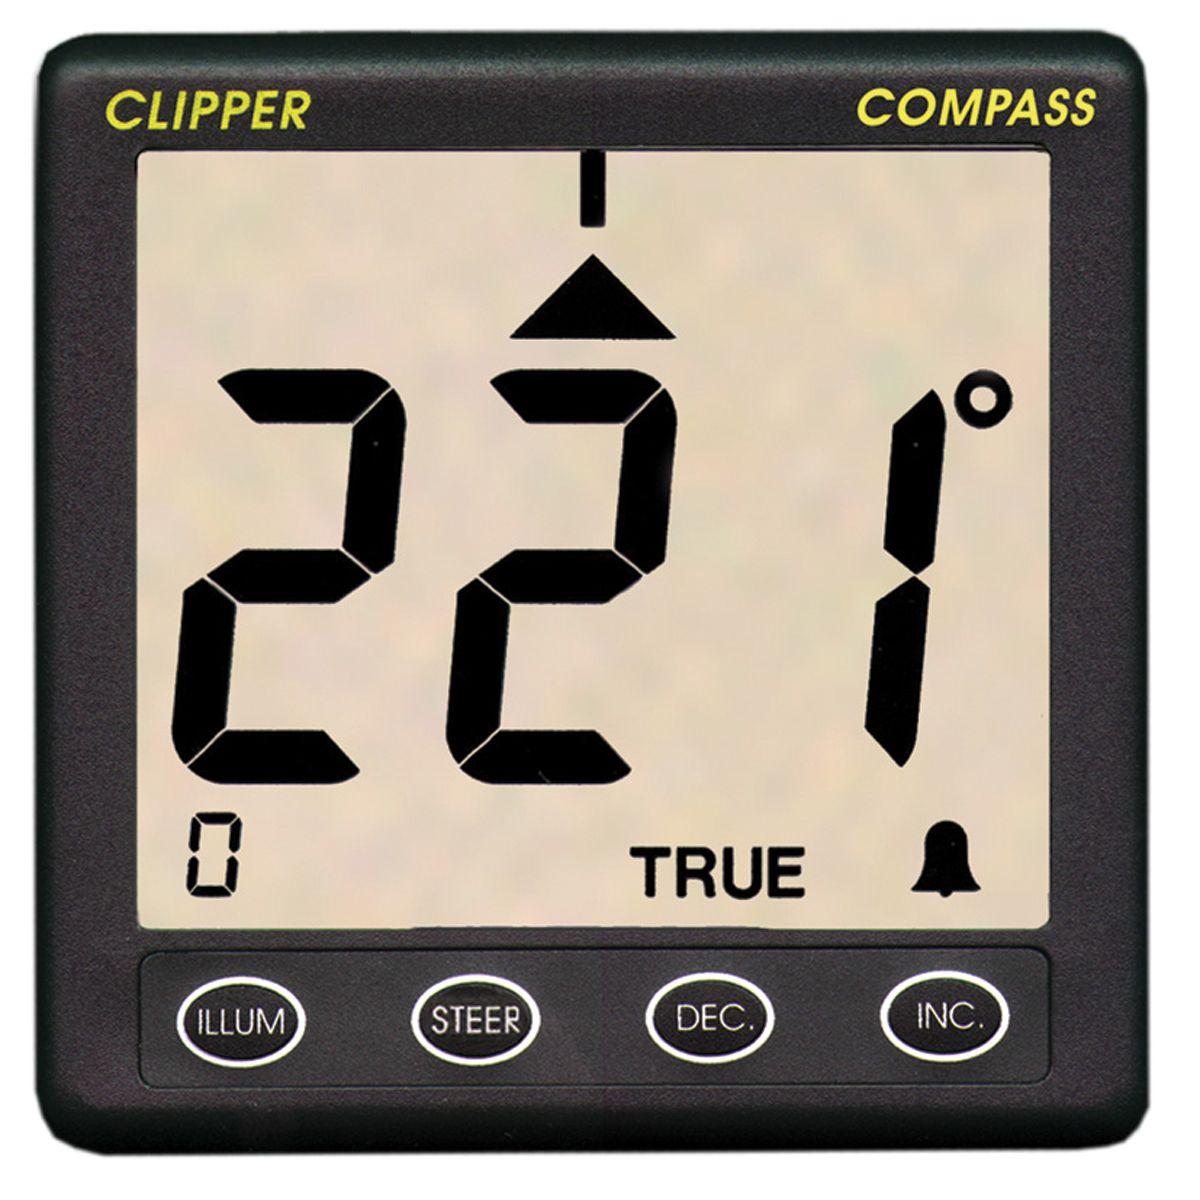 Clipper-Compass